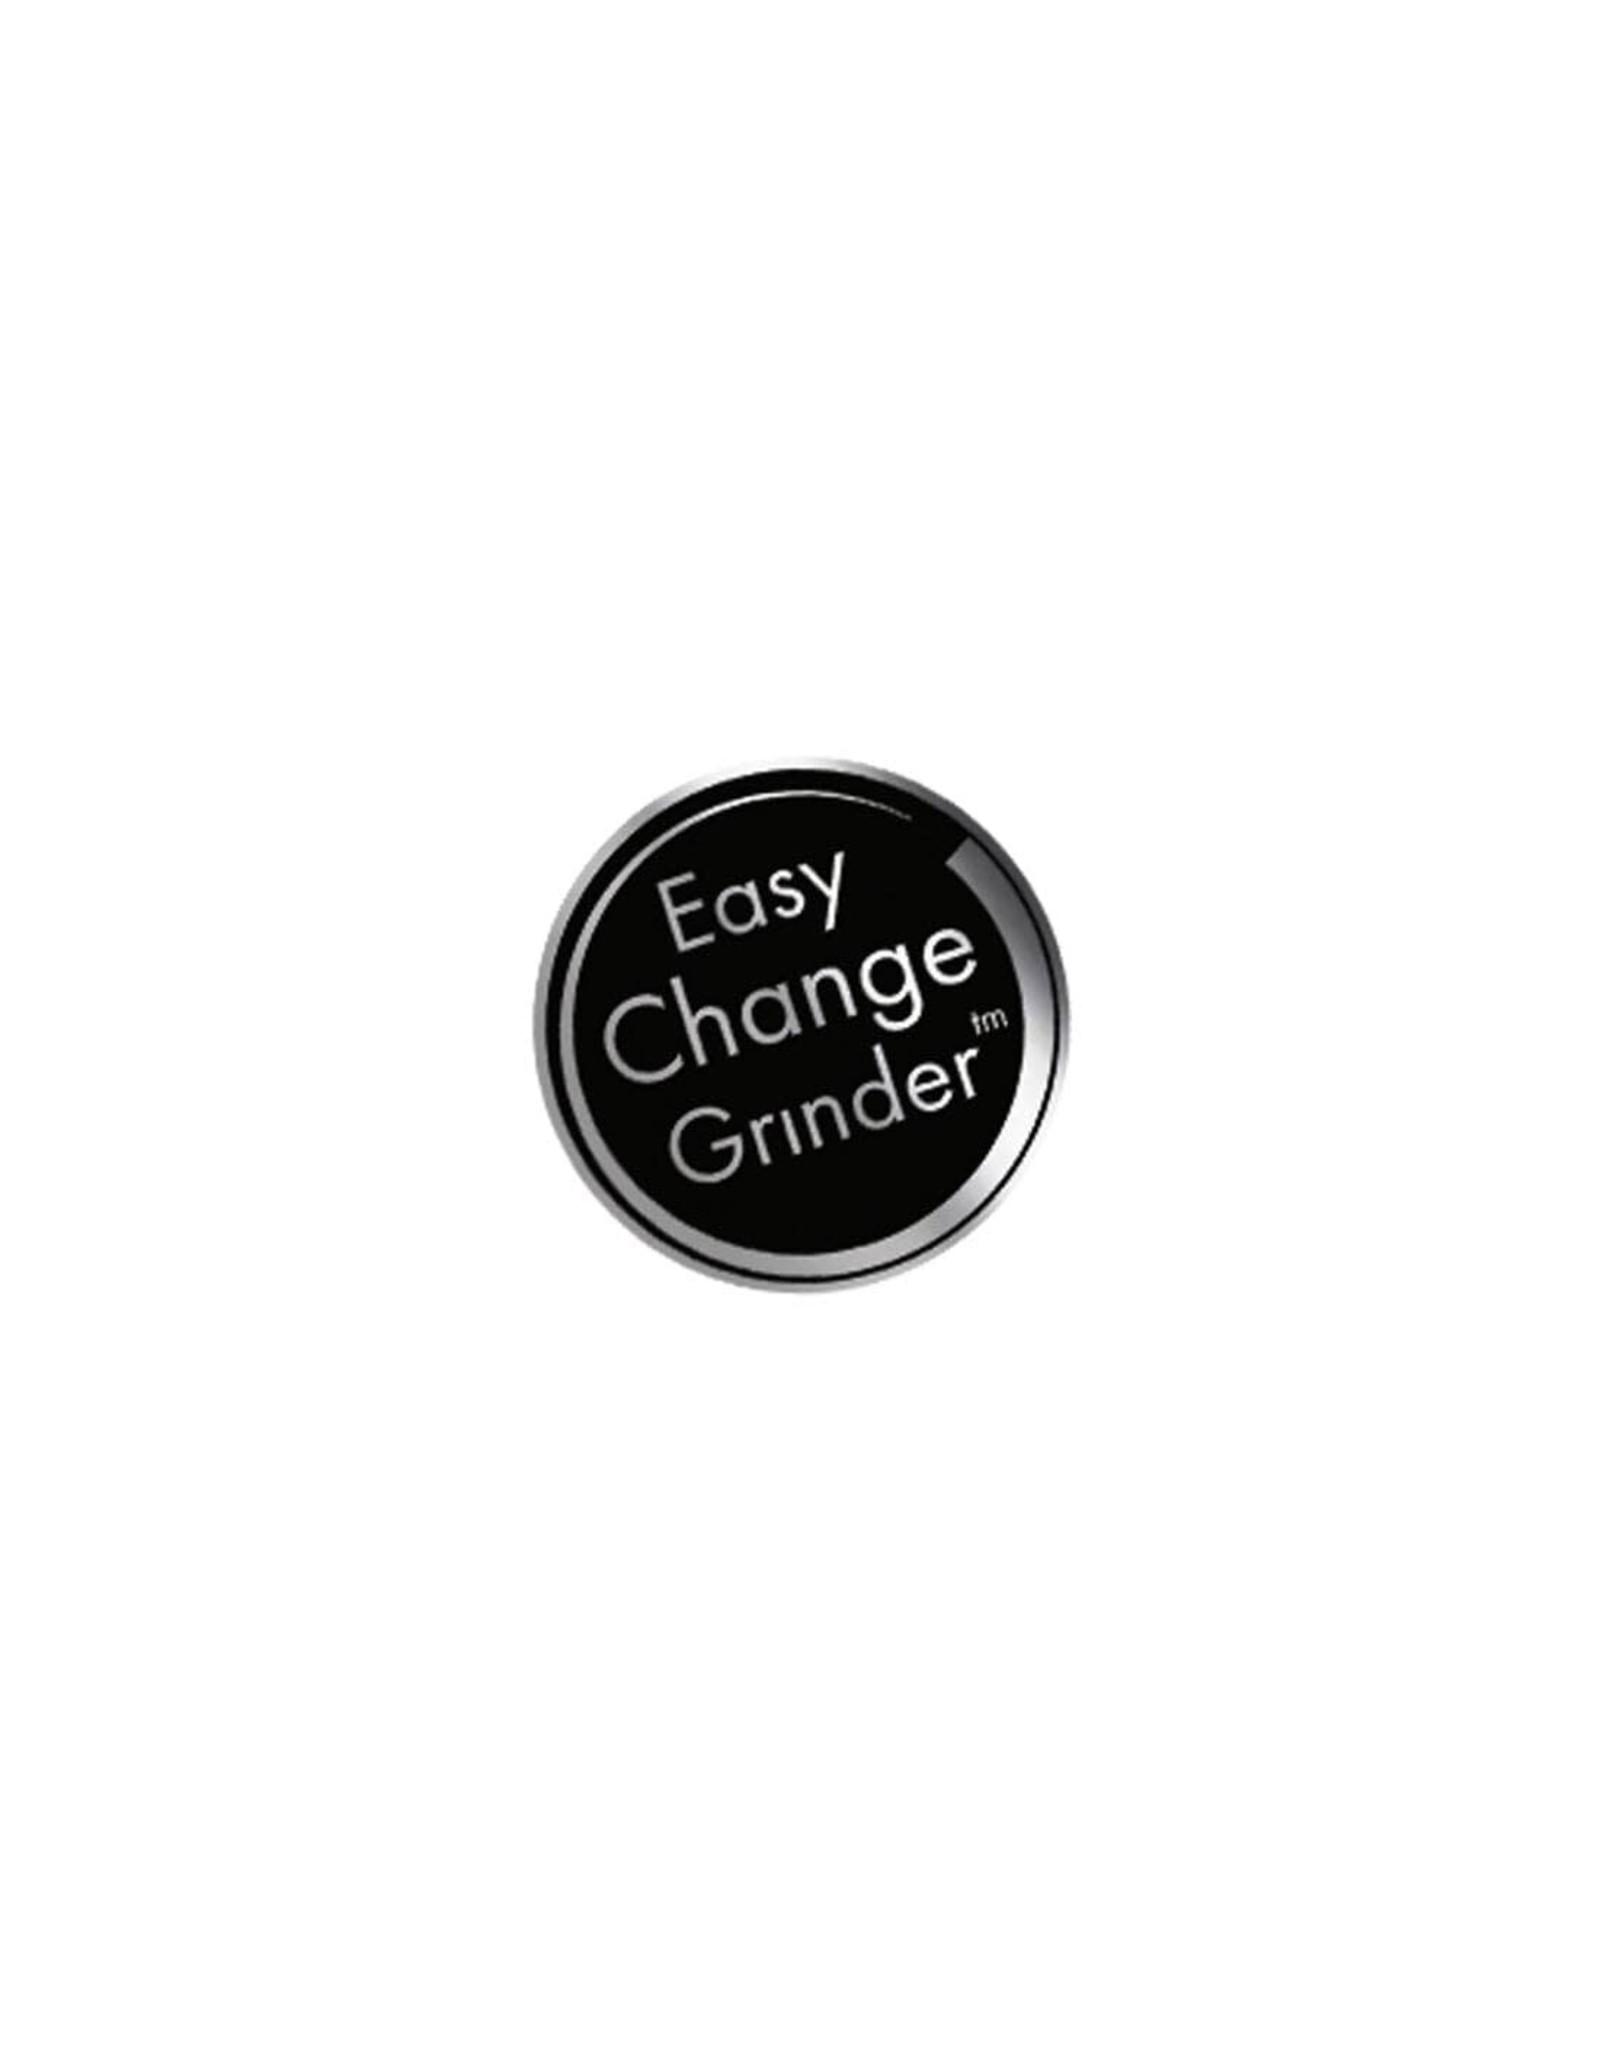 Kannastor Kannastor GR8TR V2 Series Jar Grinder Screen Chamber and Stainless Easy Change Screen Matte Black